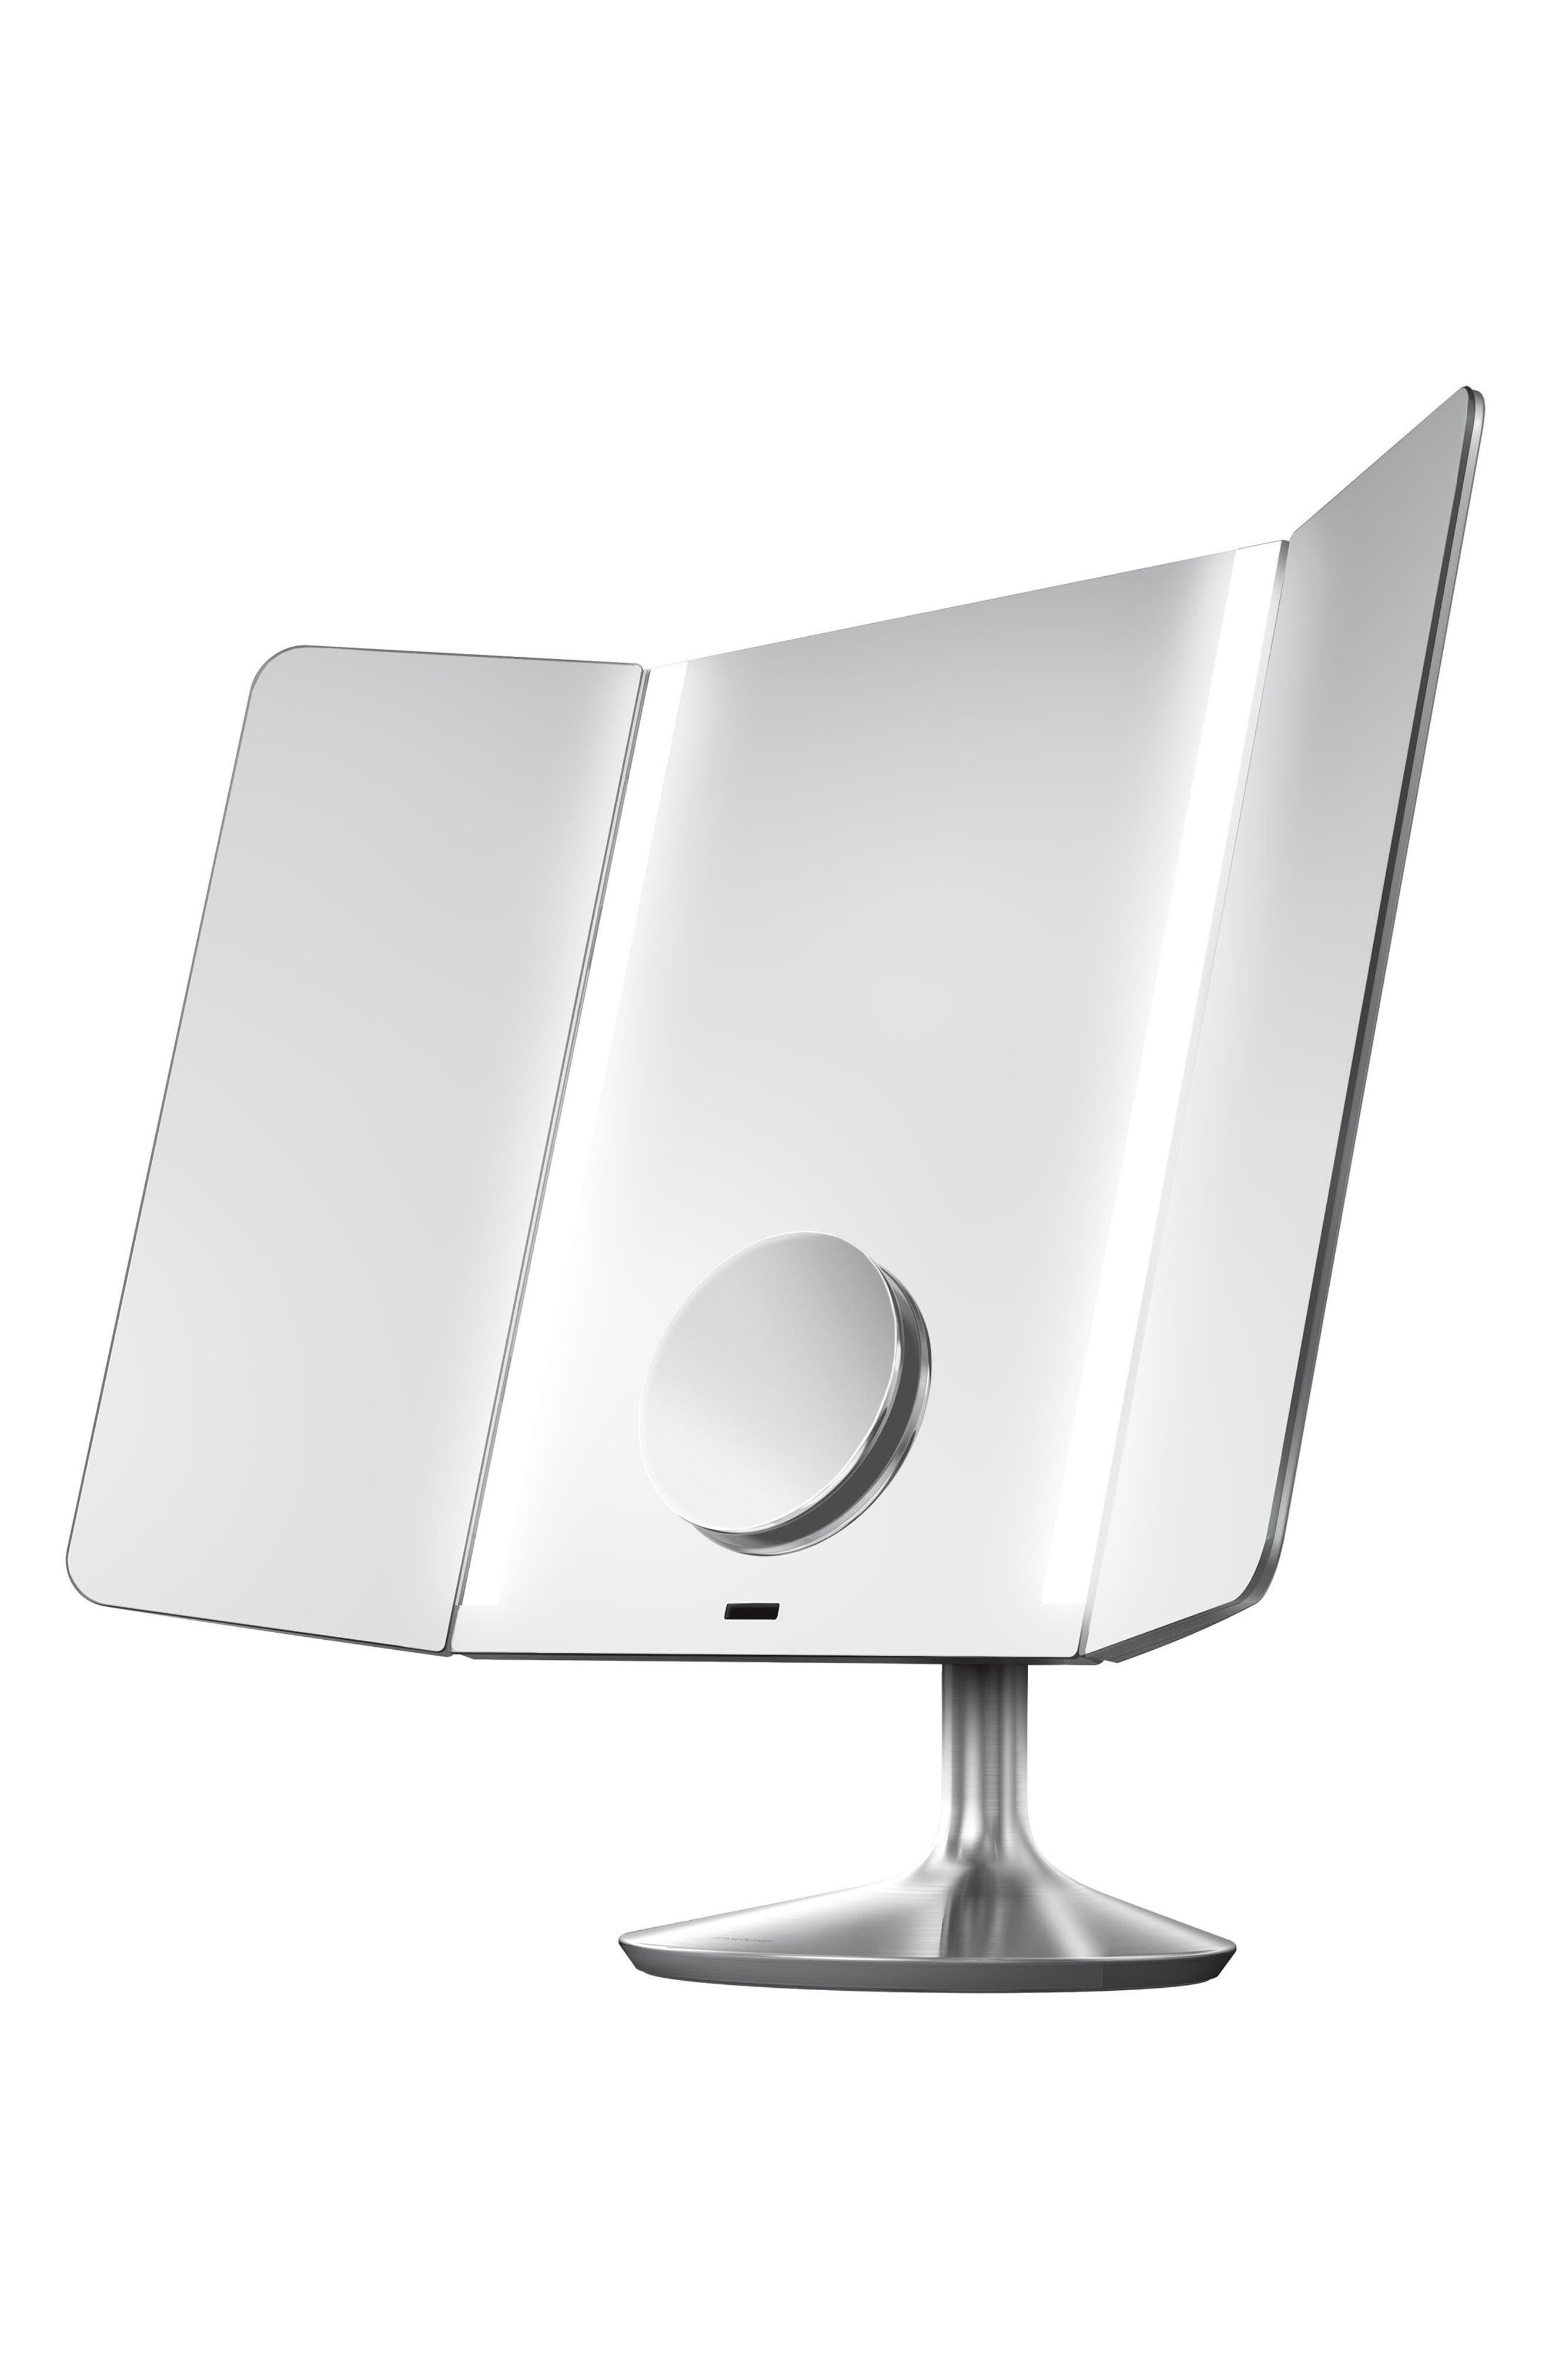 Sensor Mirror Pro Wide View,                         Main,                         color, No Color